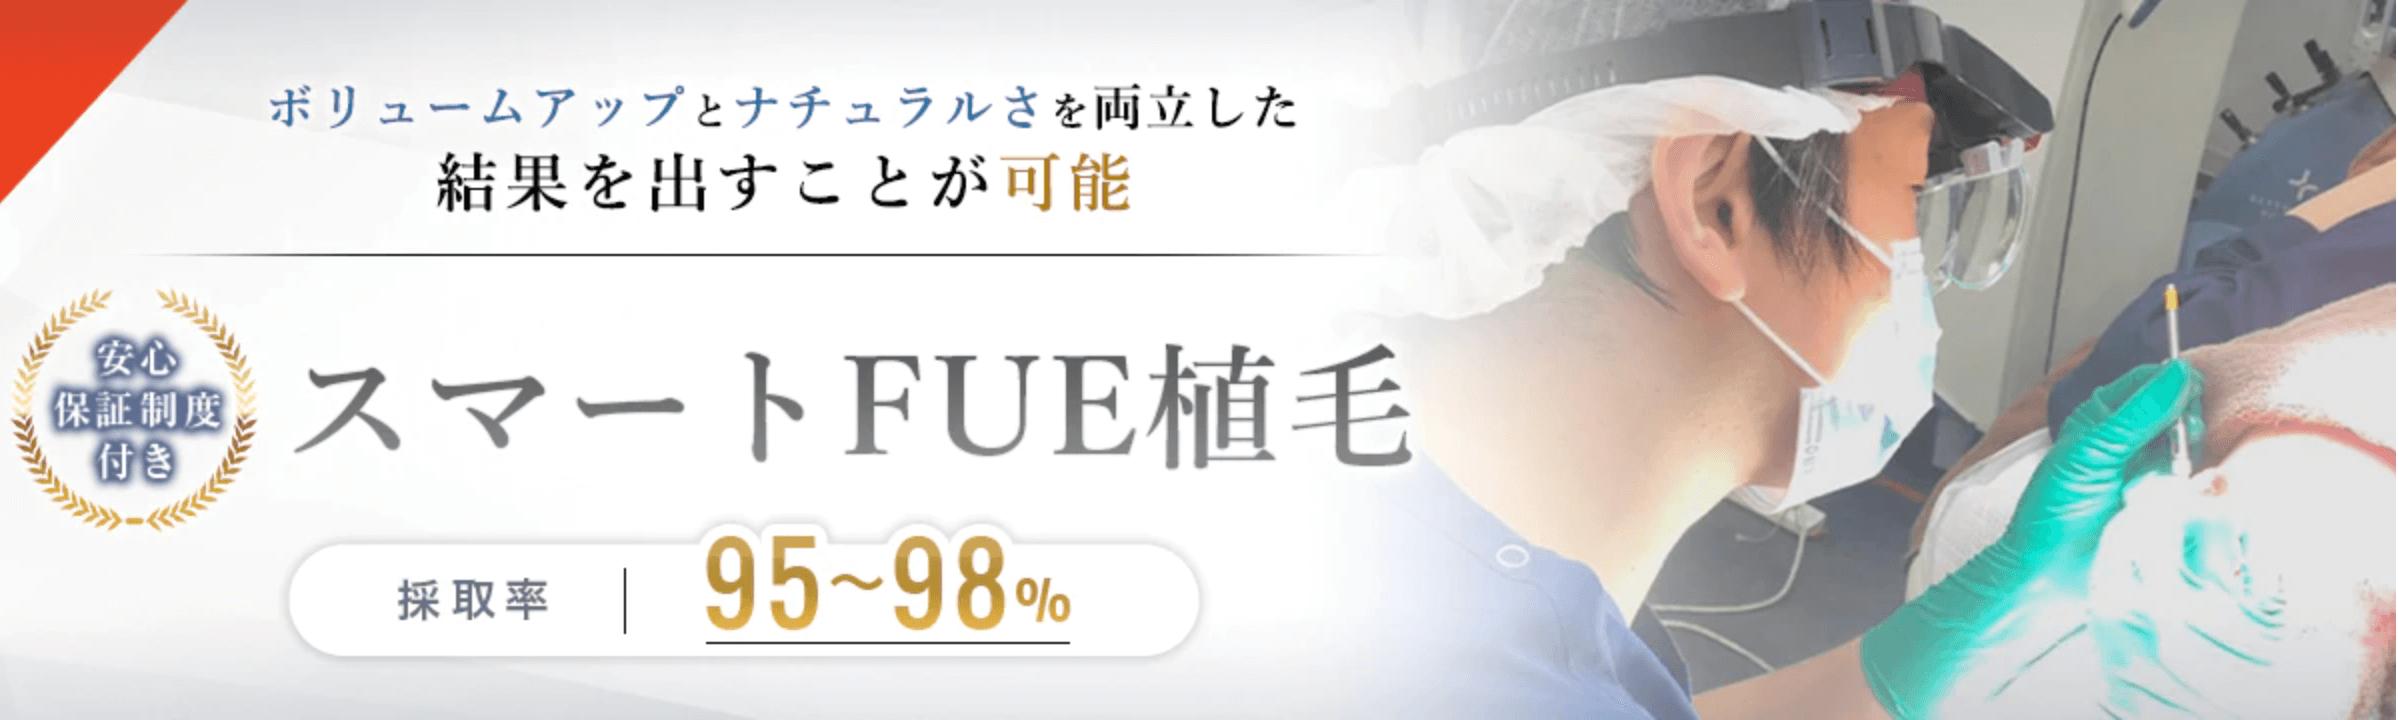 スマートFUE自毛植毛のイメージ